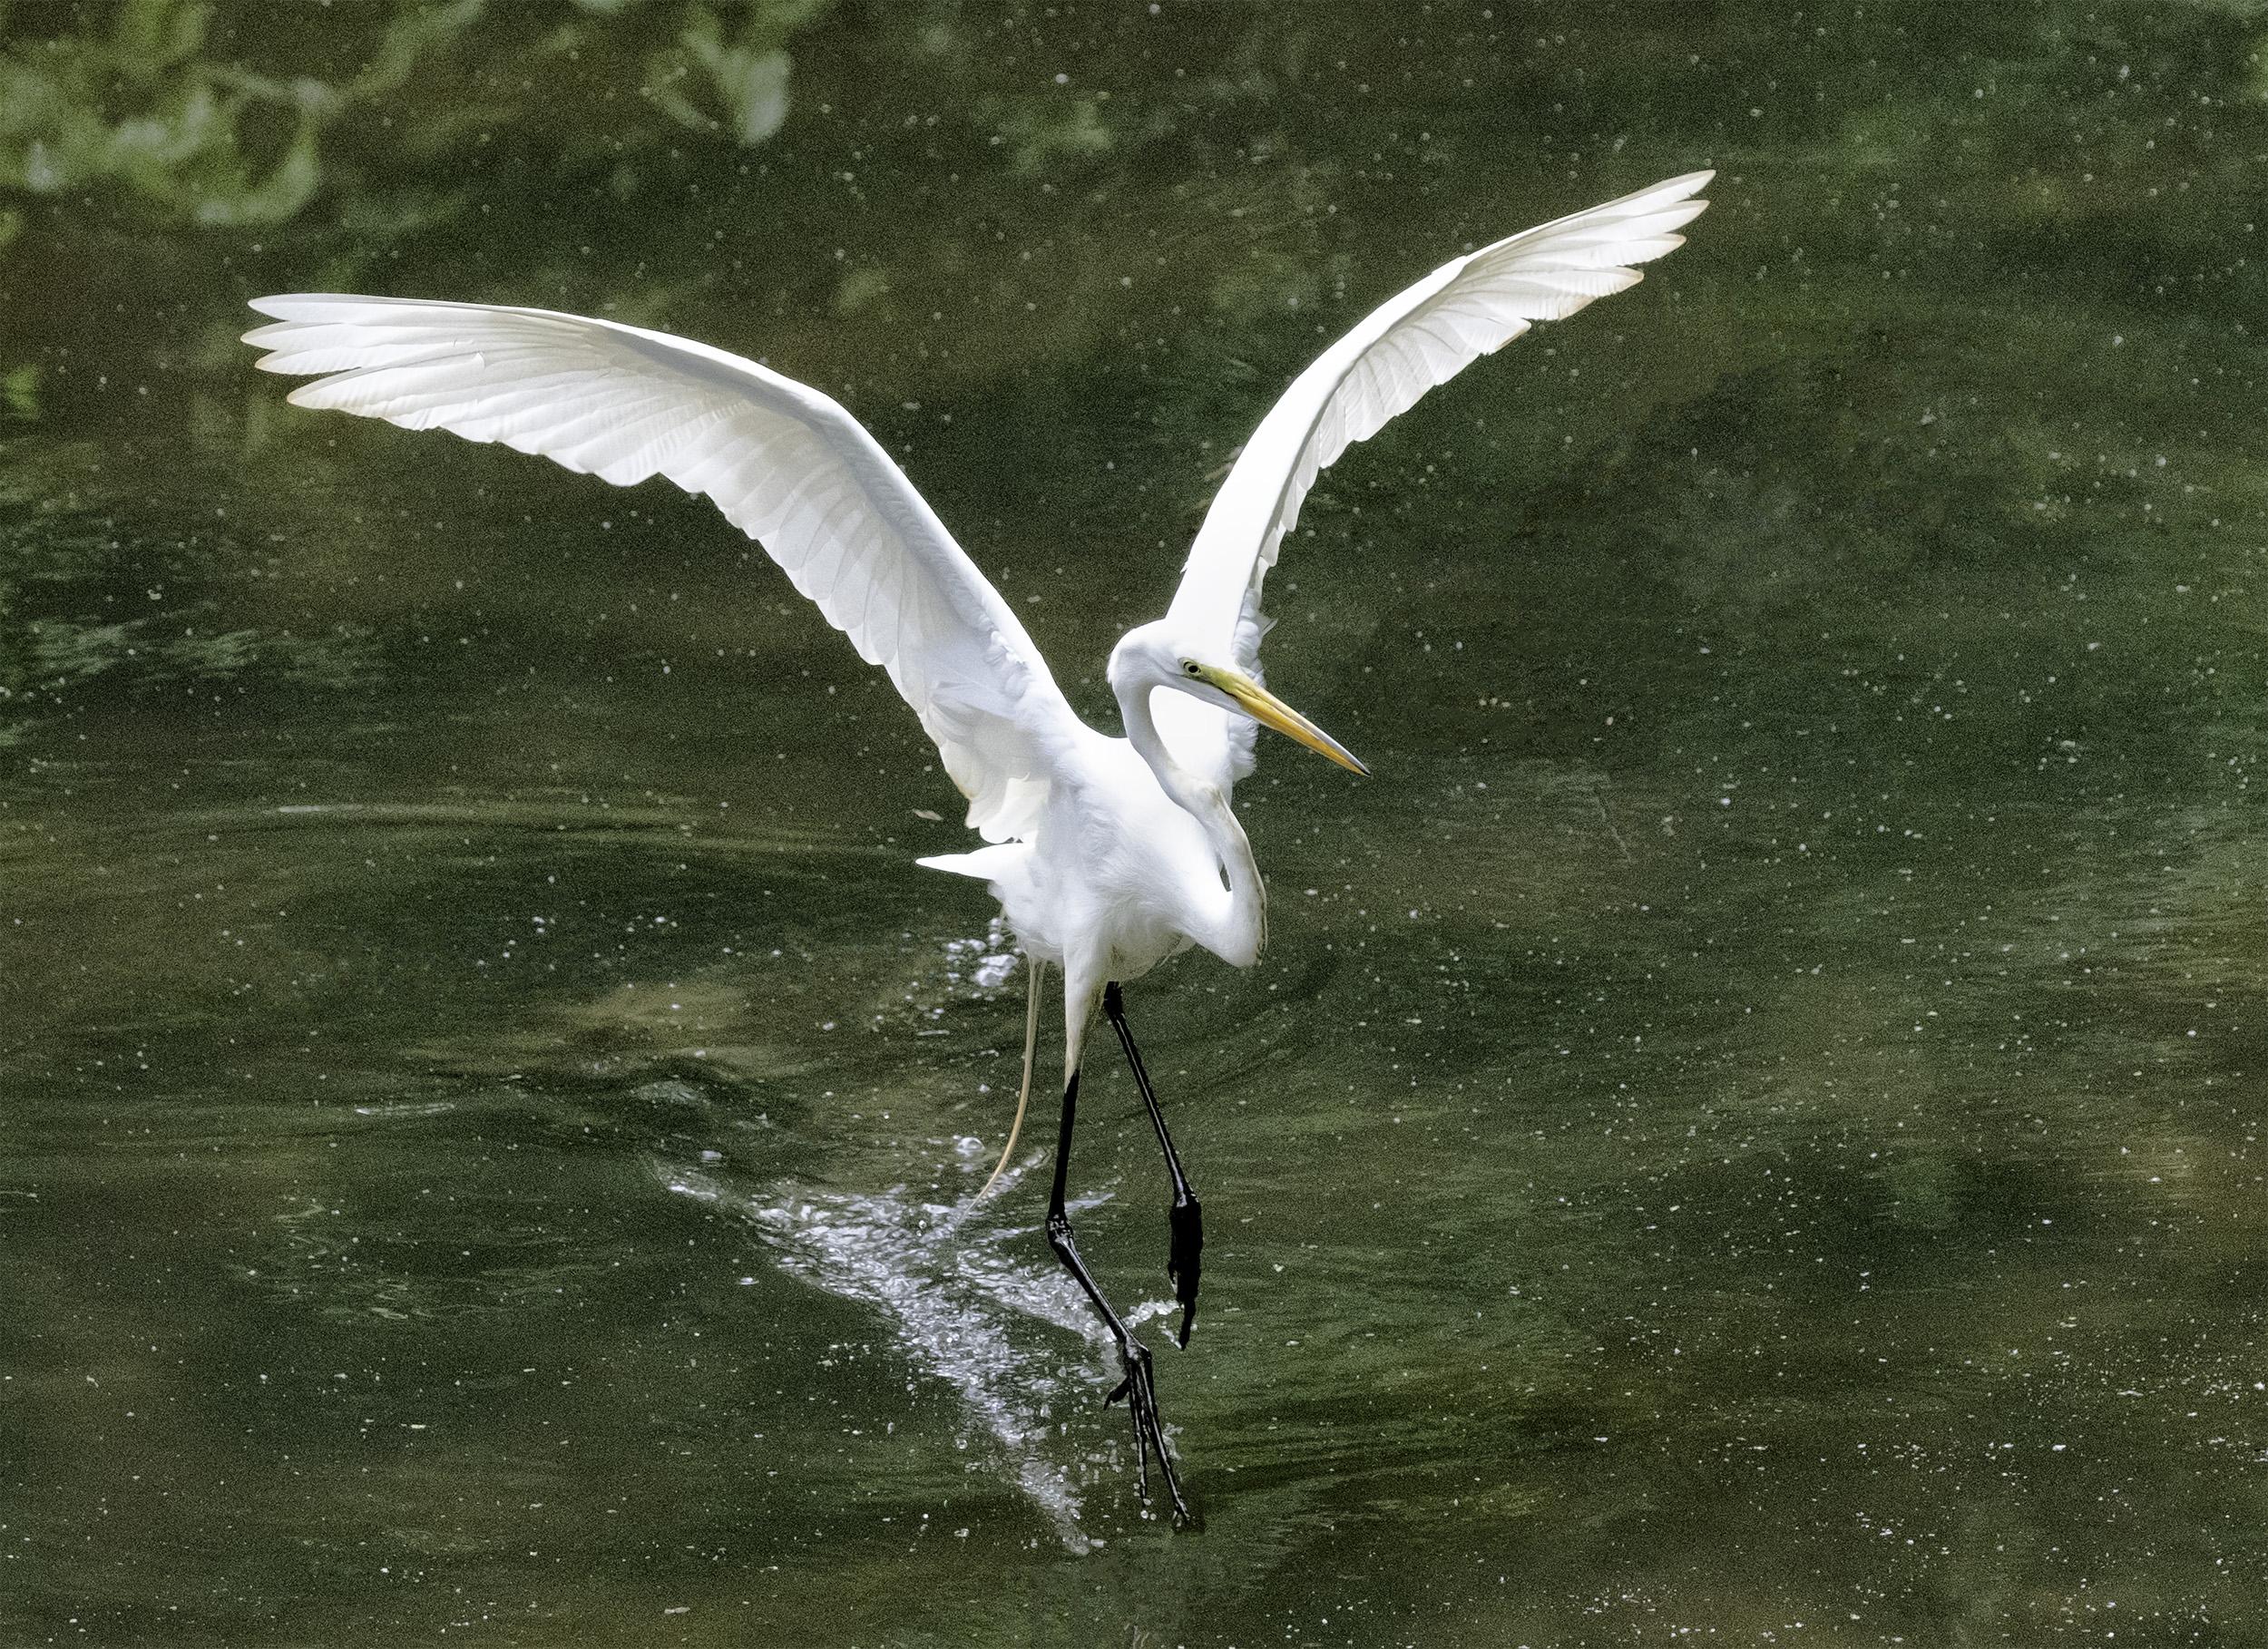 190518 Canal Birds XT2 162-1.jpg